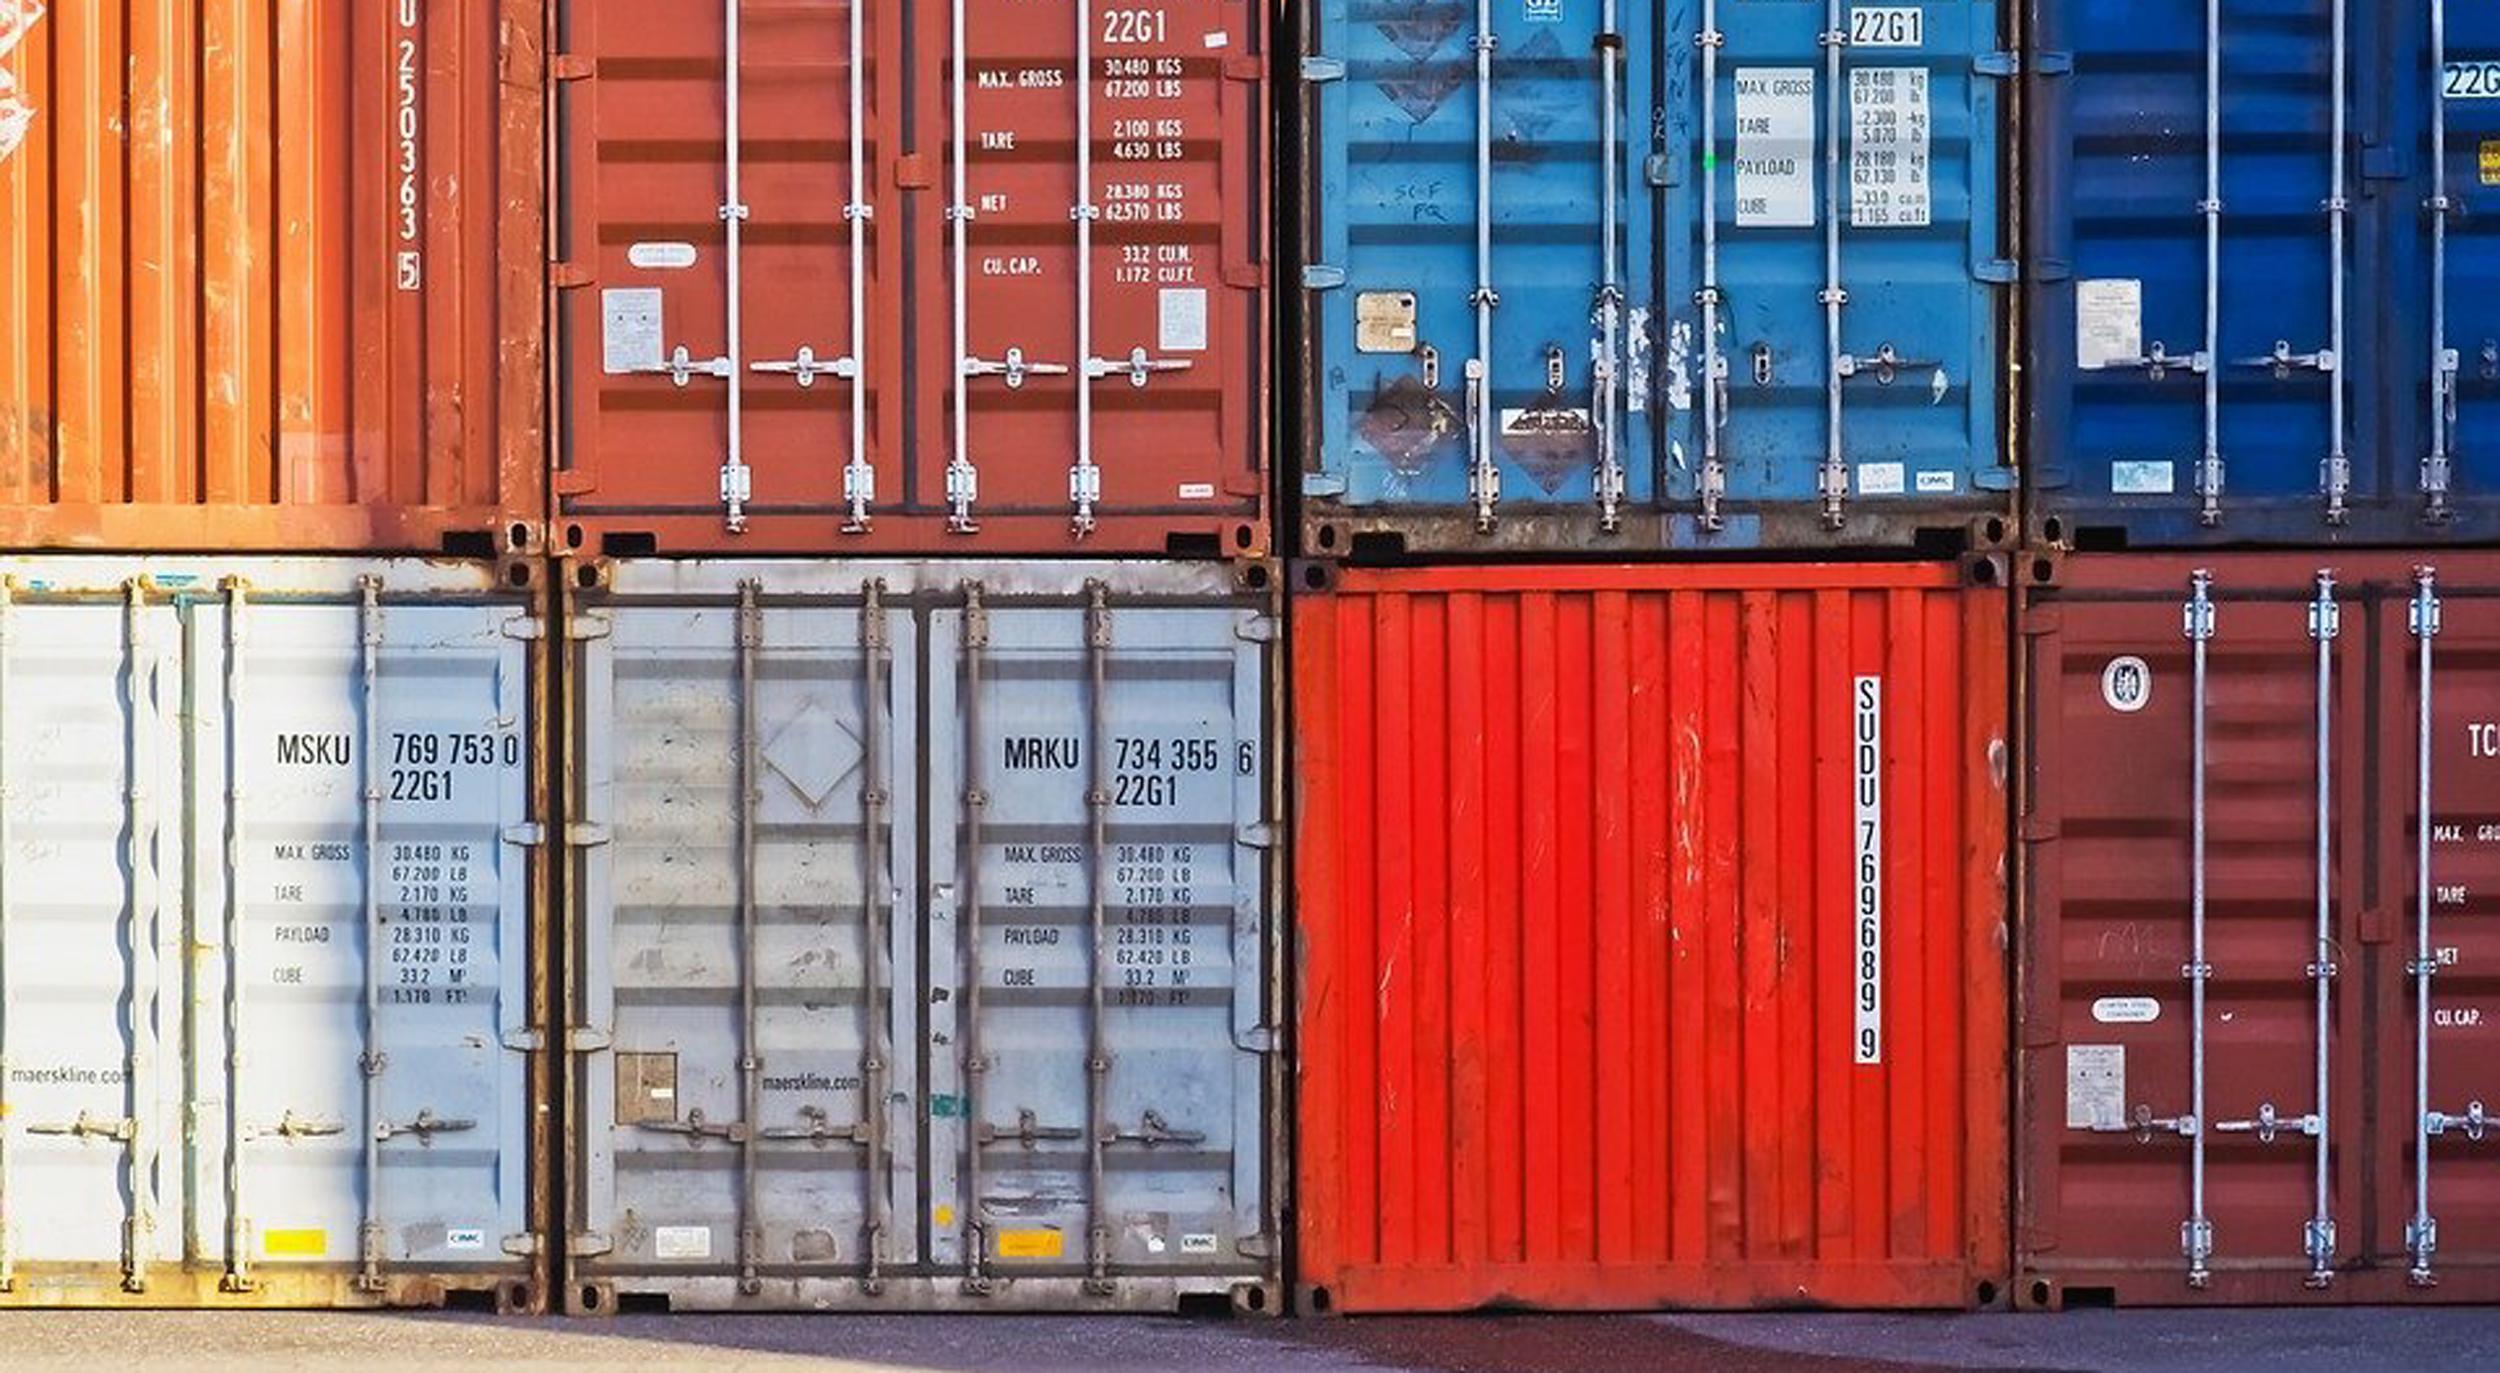 """camara-argentina-de-comercio:-""""las-trabas-a-las-importaciones-ponen-en-serio-riesgo-la-continuidad-de-numerosas-empresas"""""""